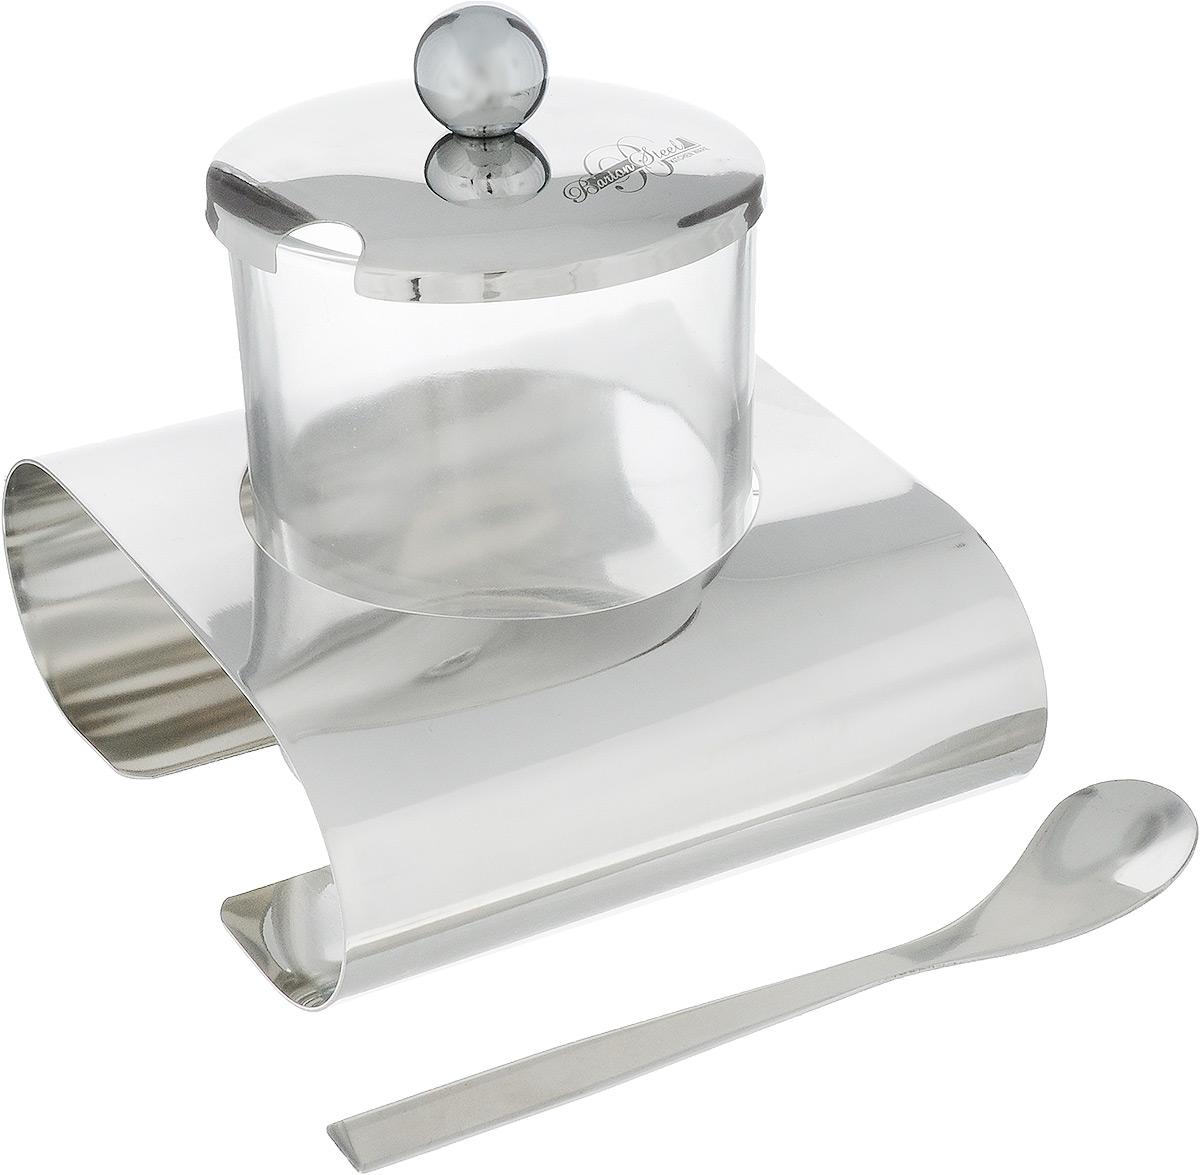 Сахарница BartonSteel, с ложкой и подставкой, 200 мл1004BS/NEWСахарница BartonSteel изготовлена из высококачественного стекла и нержавеющей стали. Стеклянная емкость устанавливается на специальной подставке. Сахарница закрывается металлической крышкой с выемкой для ложки. К изделию прилагается ложечка. Сахарница BartonSteel станет незаменимым атрибутом любого чаепития, праздничного, вечернего или на открытом воздухе, а также подчеркнет ваш изысканный вкус.Диаметр сахарницы (по верхнему краю): 7 см. Диаметр основания сахарницы: 6,2 см. Высота сахарницы (без учета крышки): 8 см.Высота сахарницы (с учетом крышки и подставки): 8,5 см. Длина ложечки: 11,8 см.